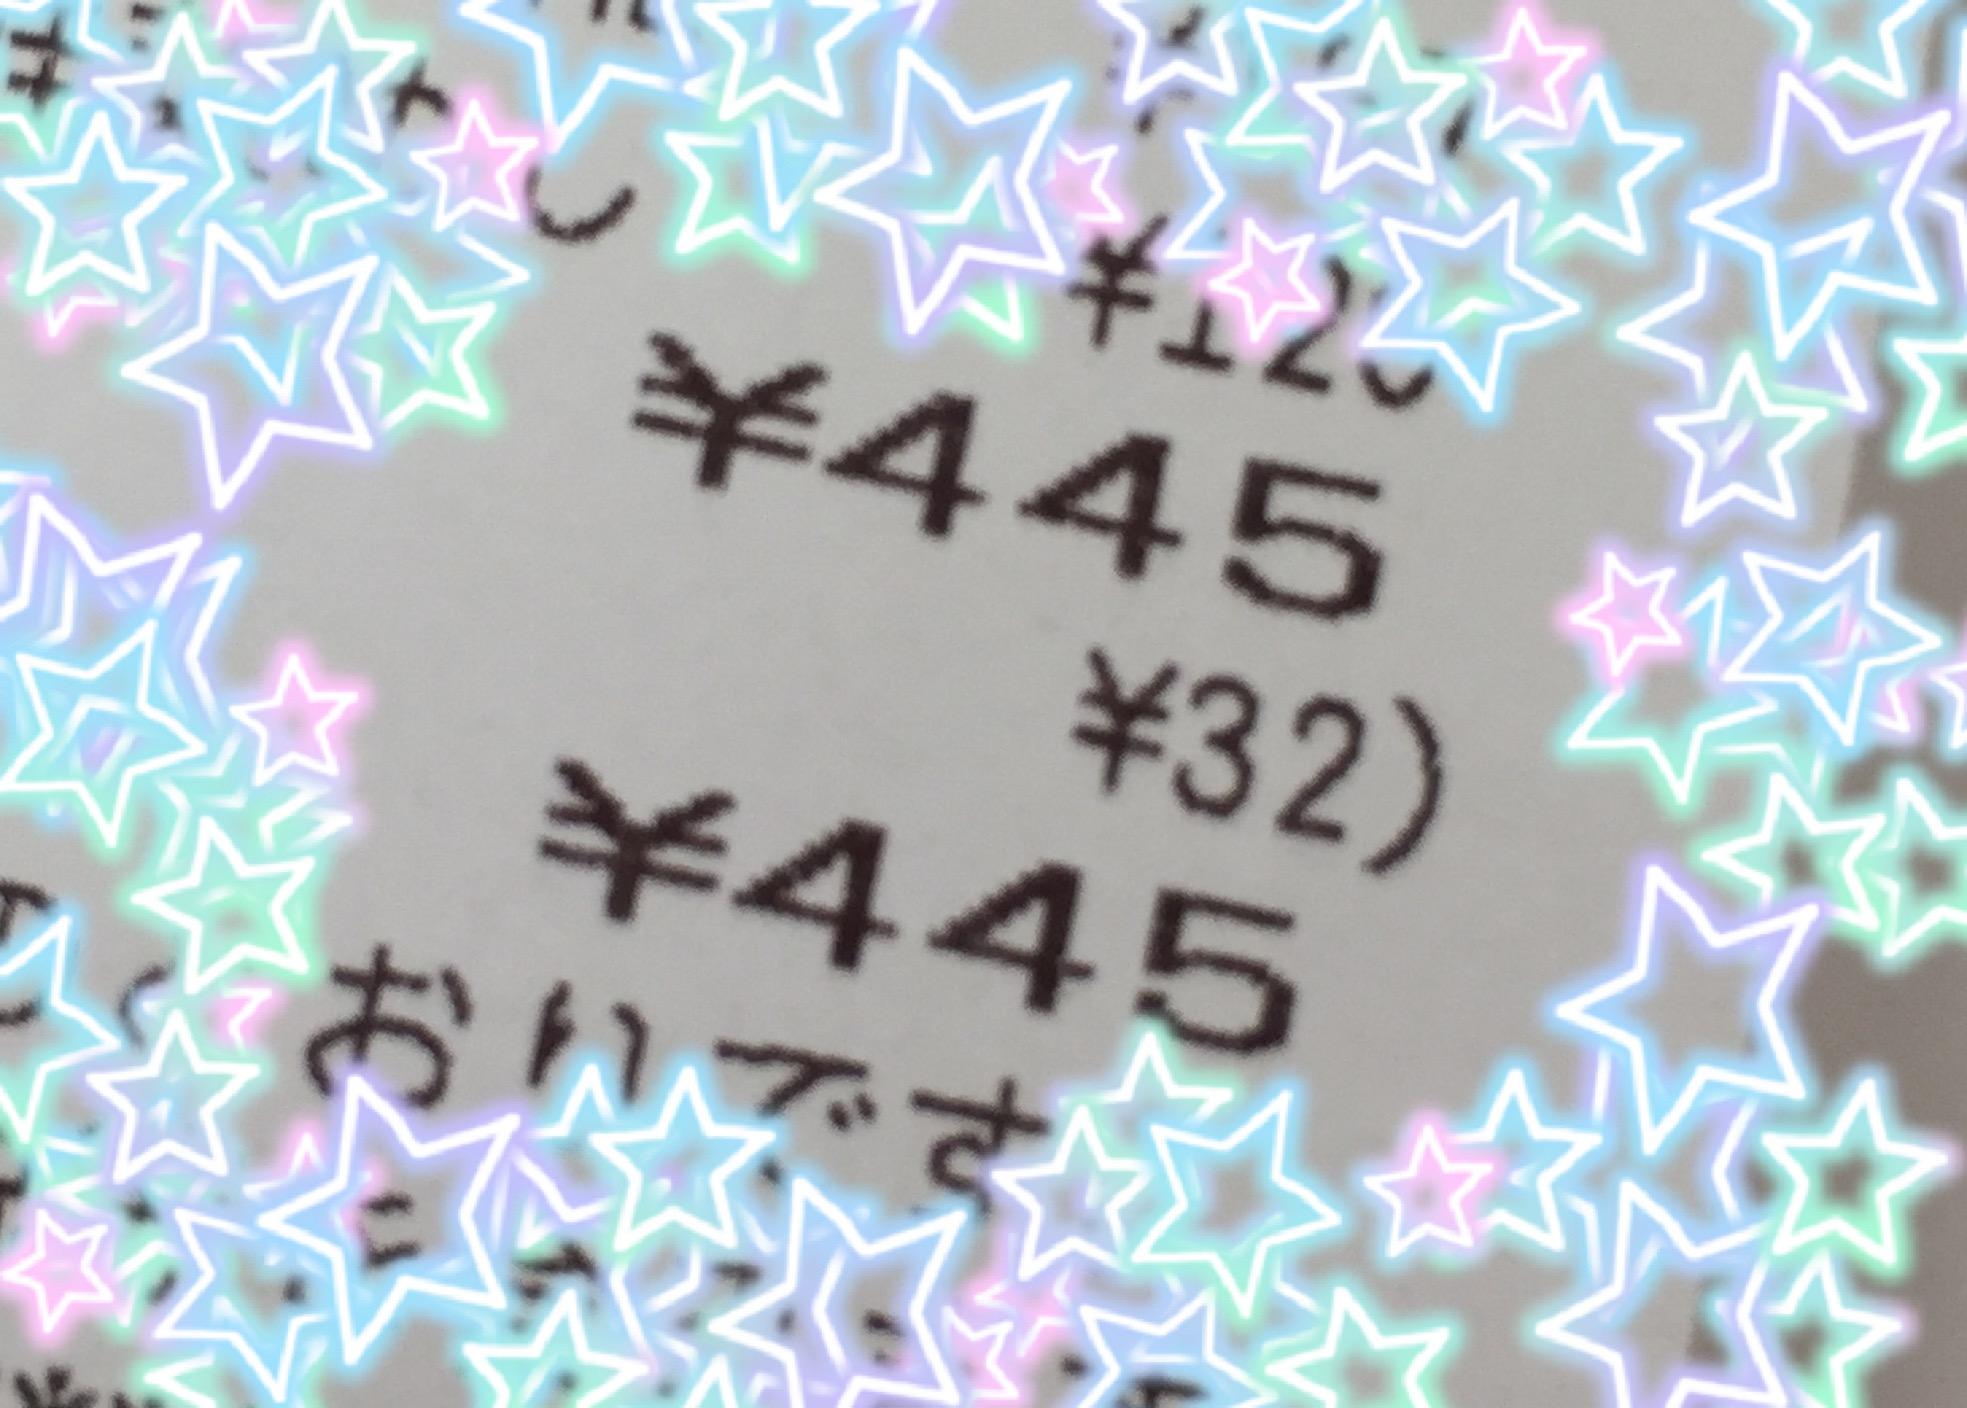 877c62113ae0b0c2b4373f640b0d4cb599f4132a.jpeg